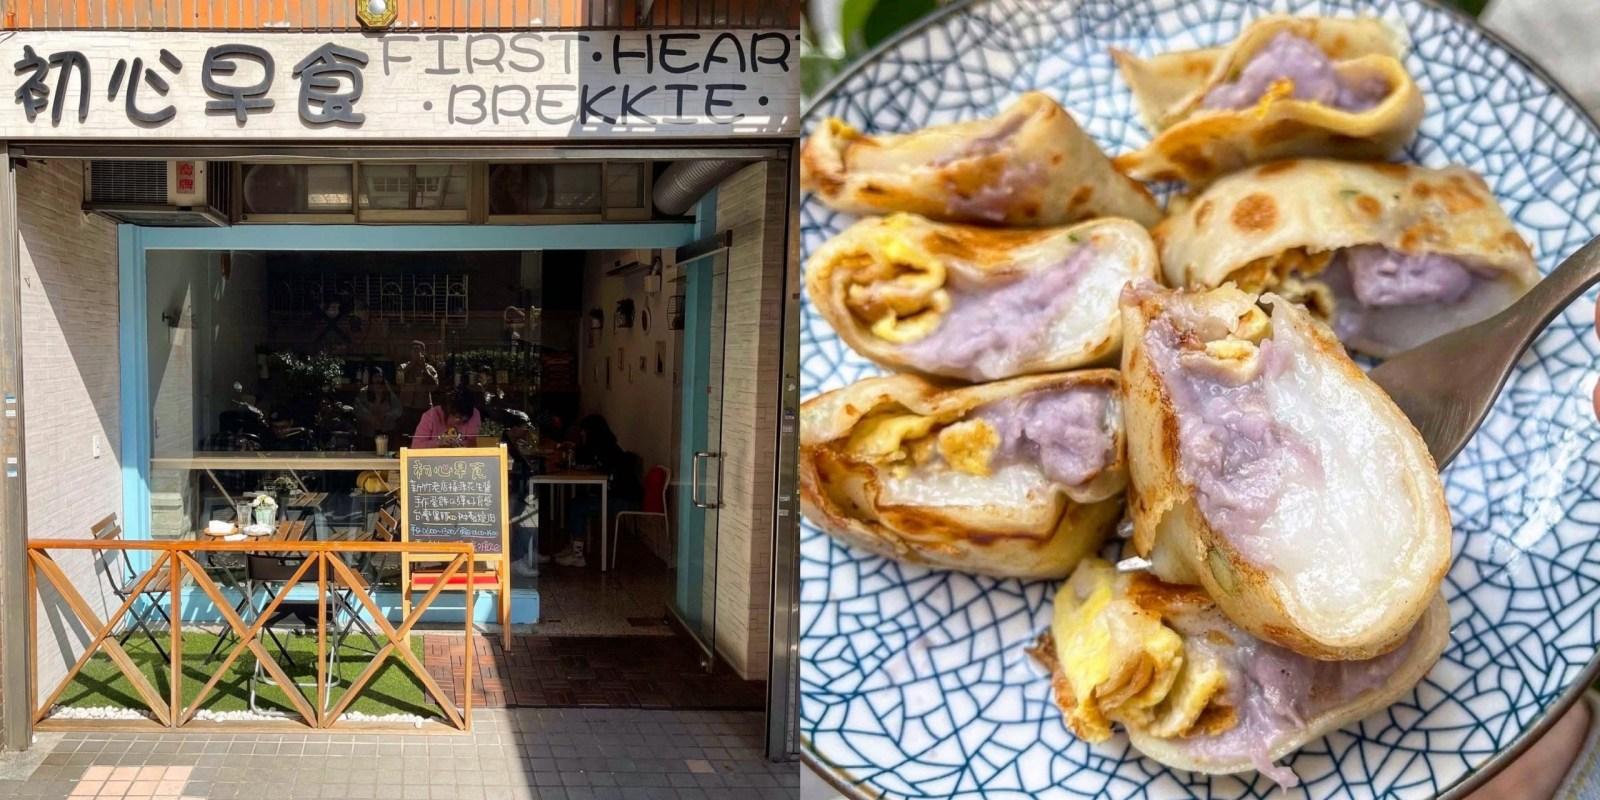 [新北美食] 初心早食 - 麻糬和滿滿芋頭的爆滿系蛋餅店!